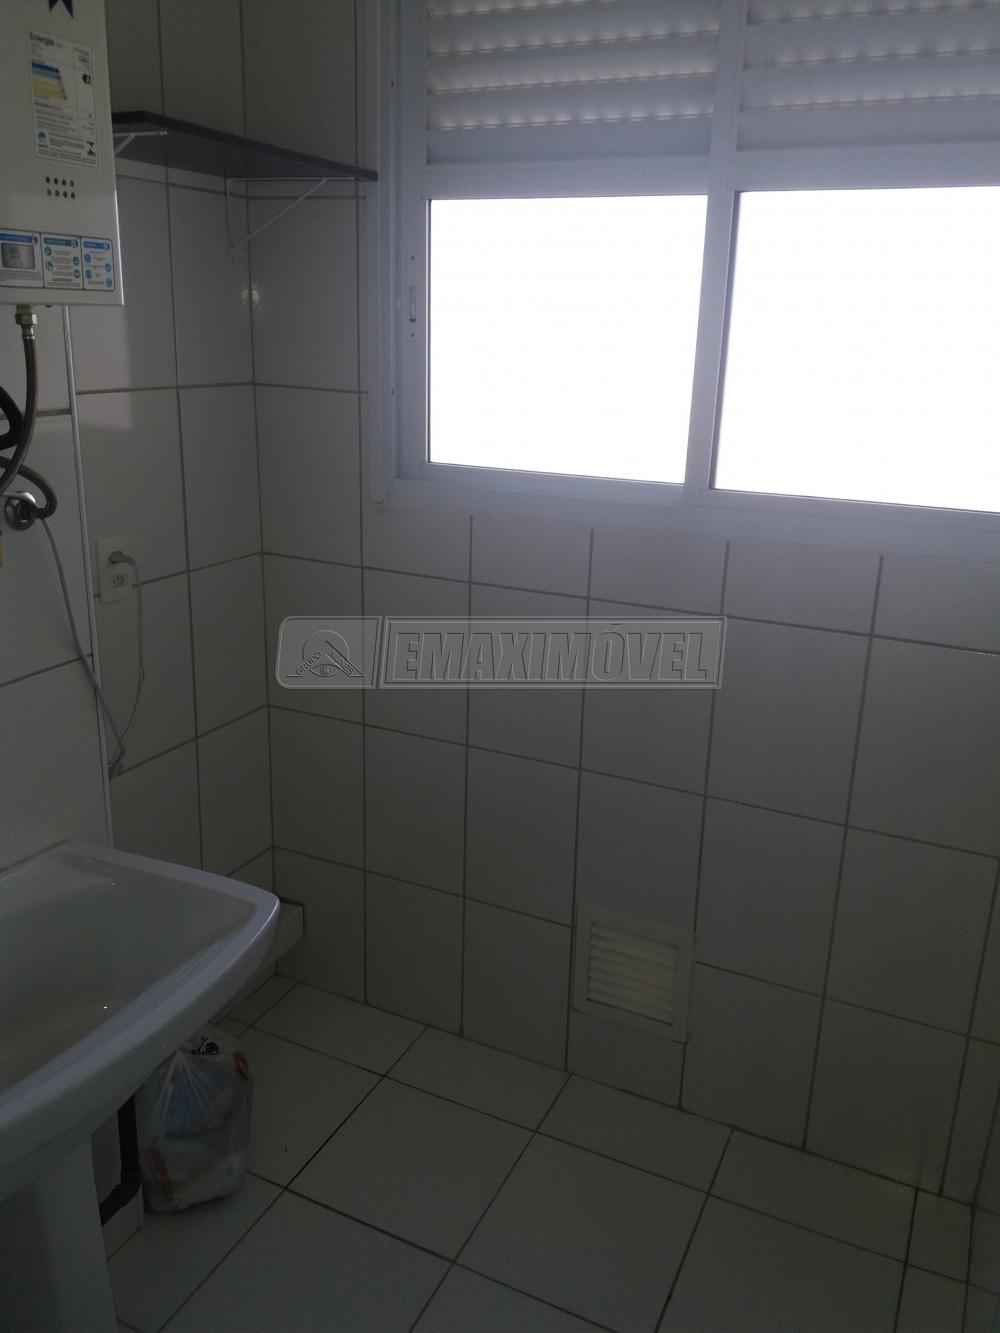 Alugar Apartamentos / Apto Padrão em Votorantim apenas R$ 1.400,00 - Foto 15